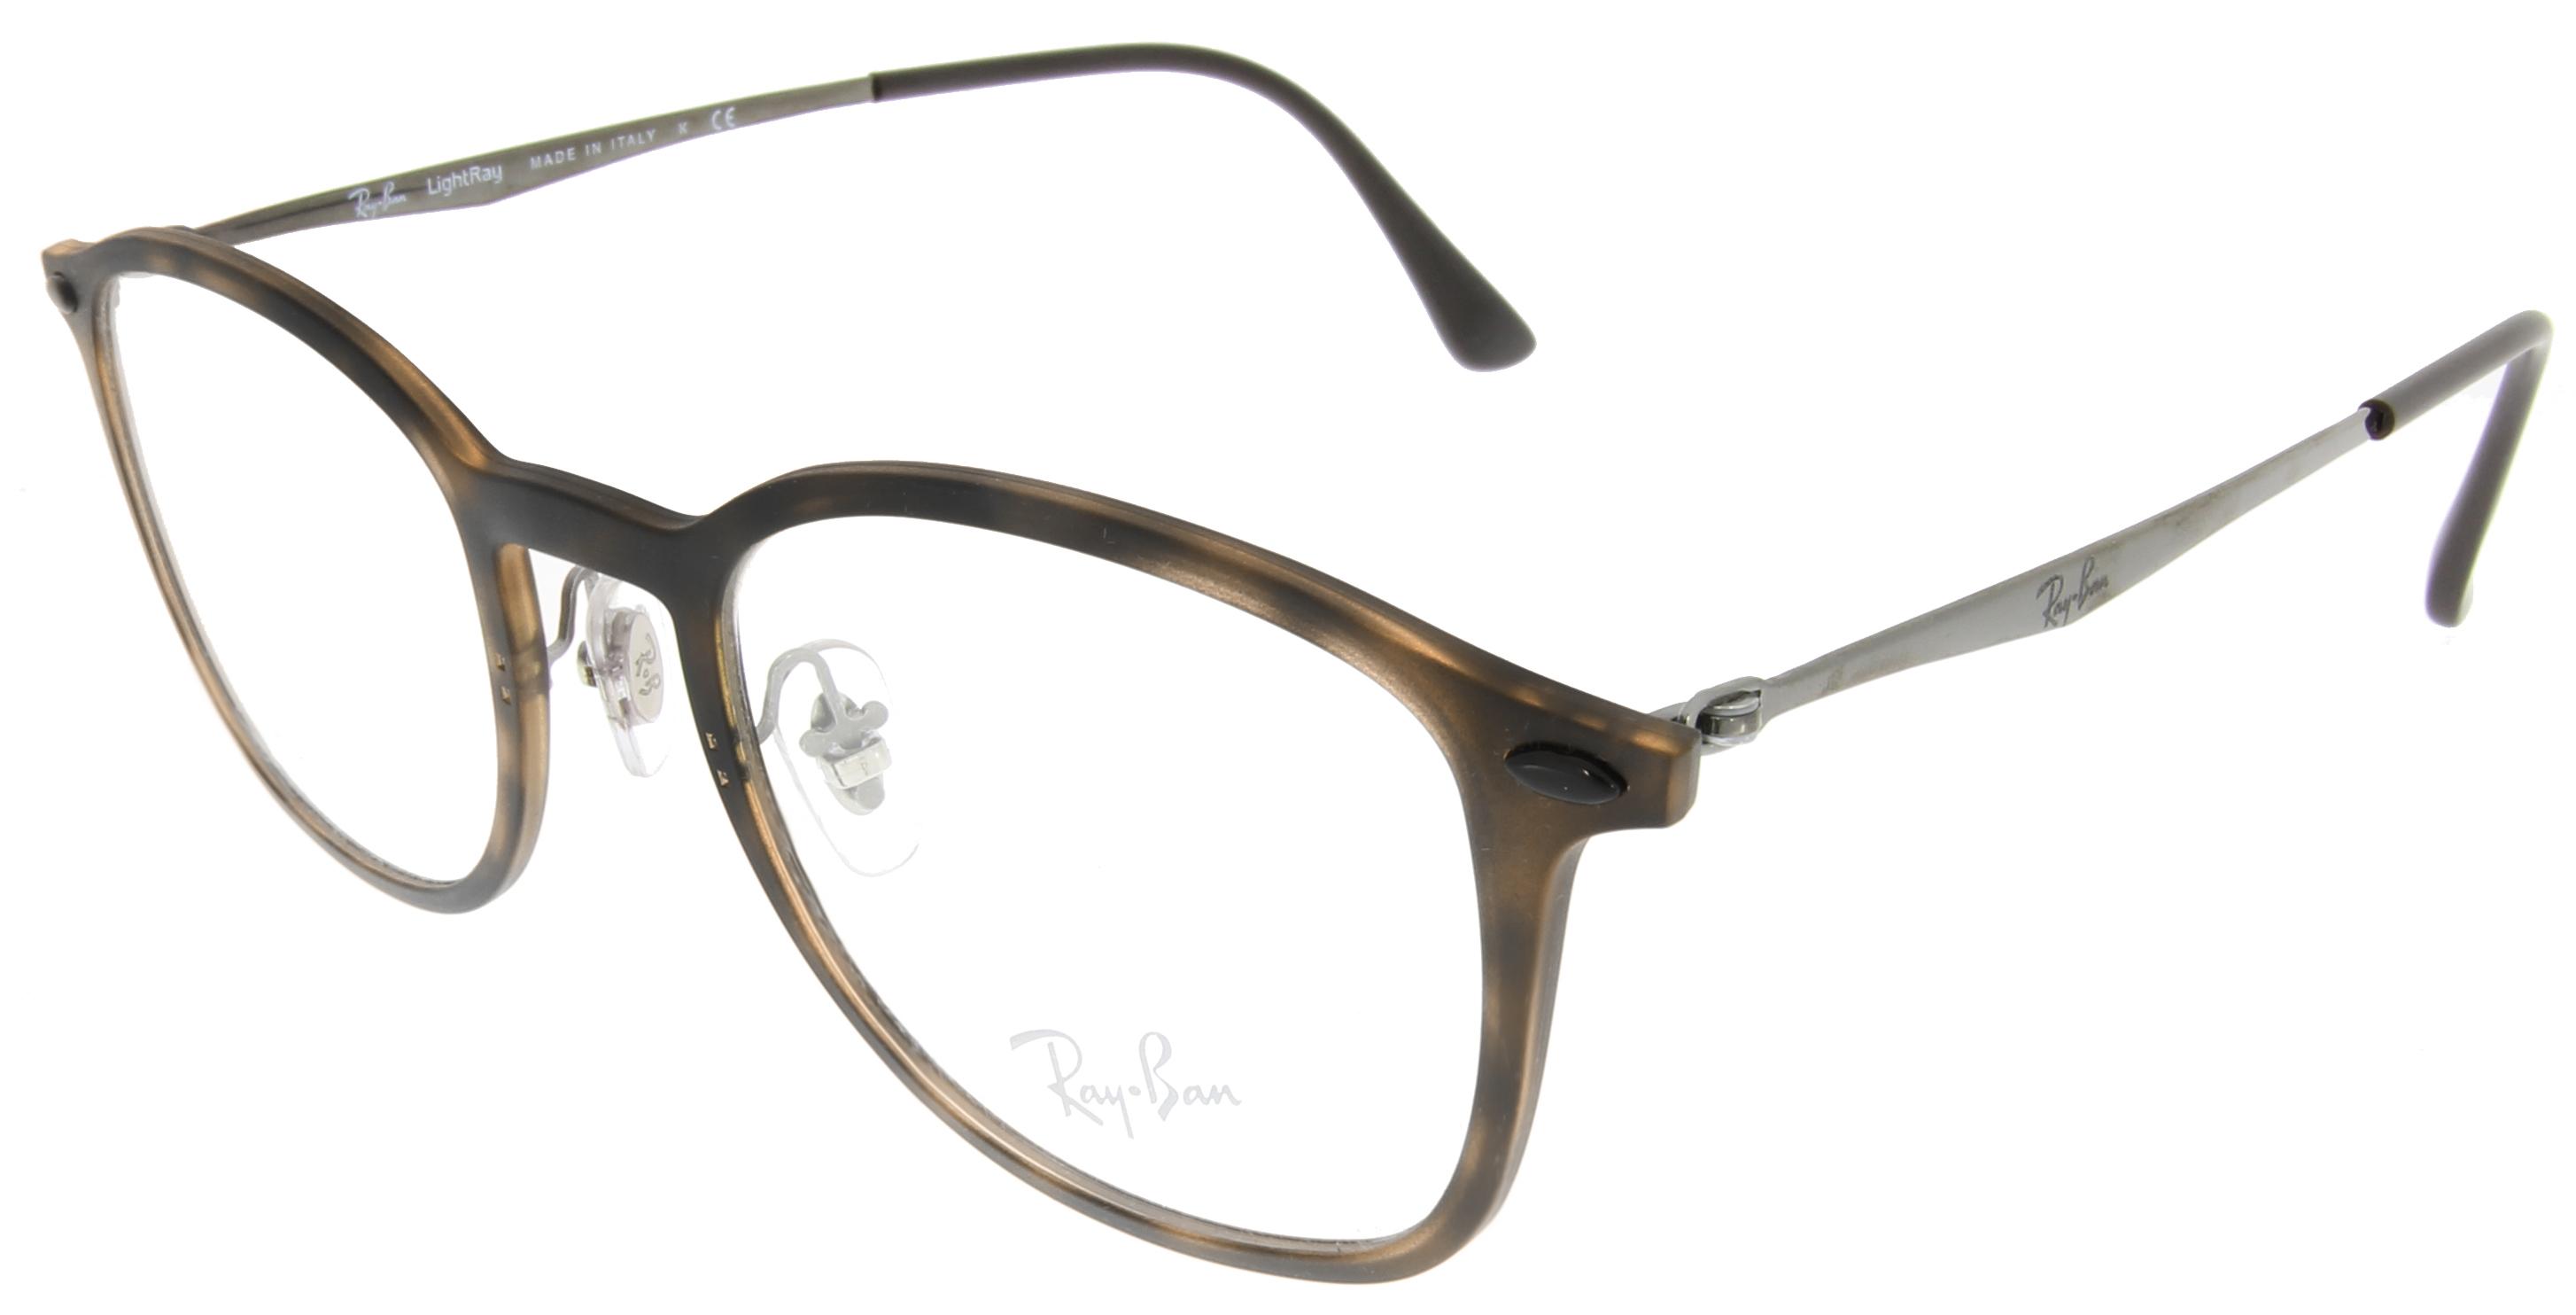 ray ban brille zu groß